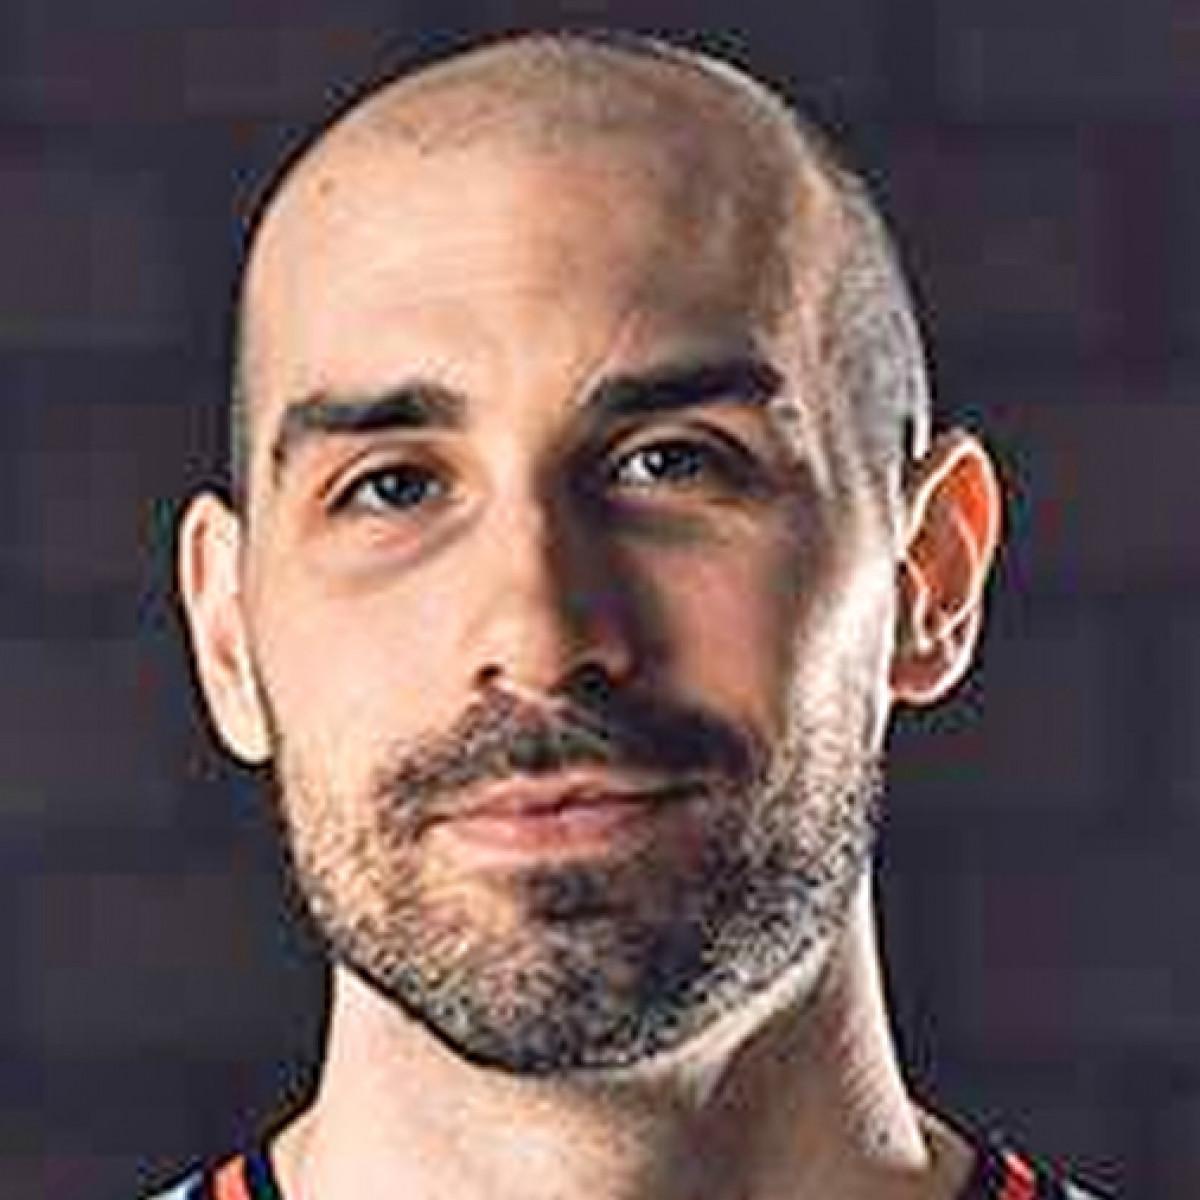 Michael Allison